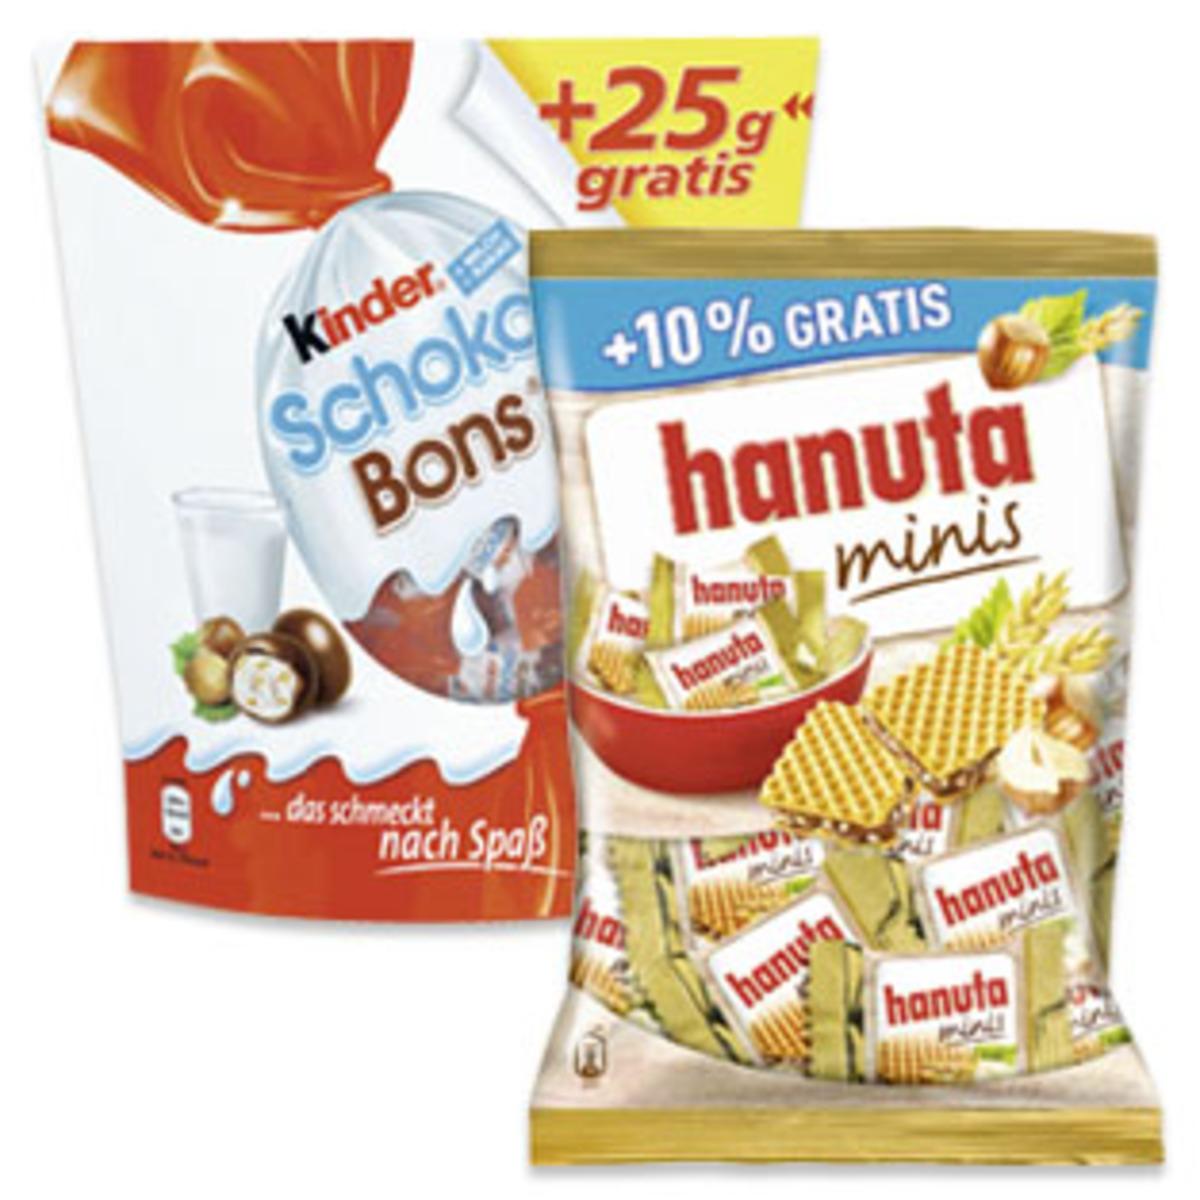 Kinder Schoko-Bons (+25g) 225g für 1,39€ / Hanuta  Minis (+10%) 220g für 1,49€ / Duplo oder Kinder Riegel 11er 220g 1,39€ [HIT]